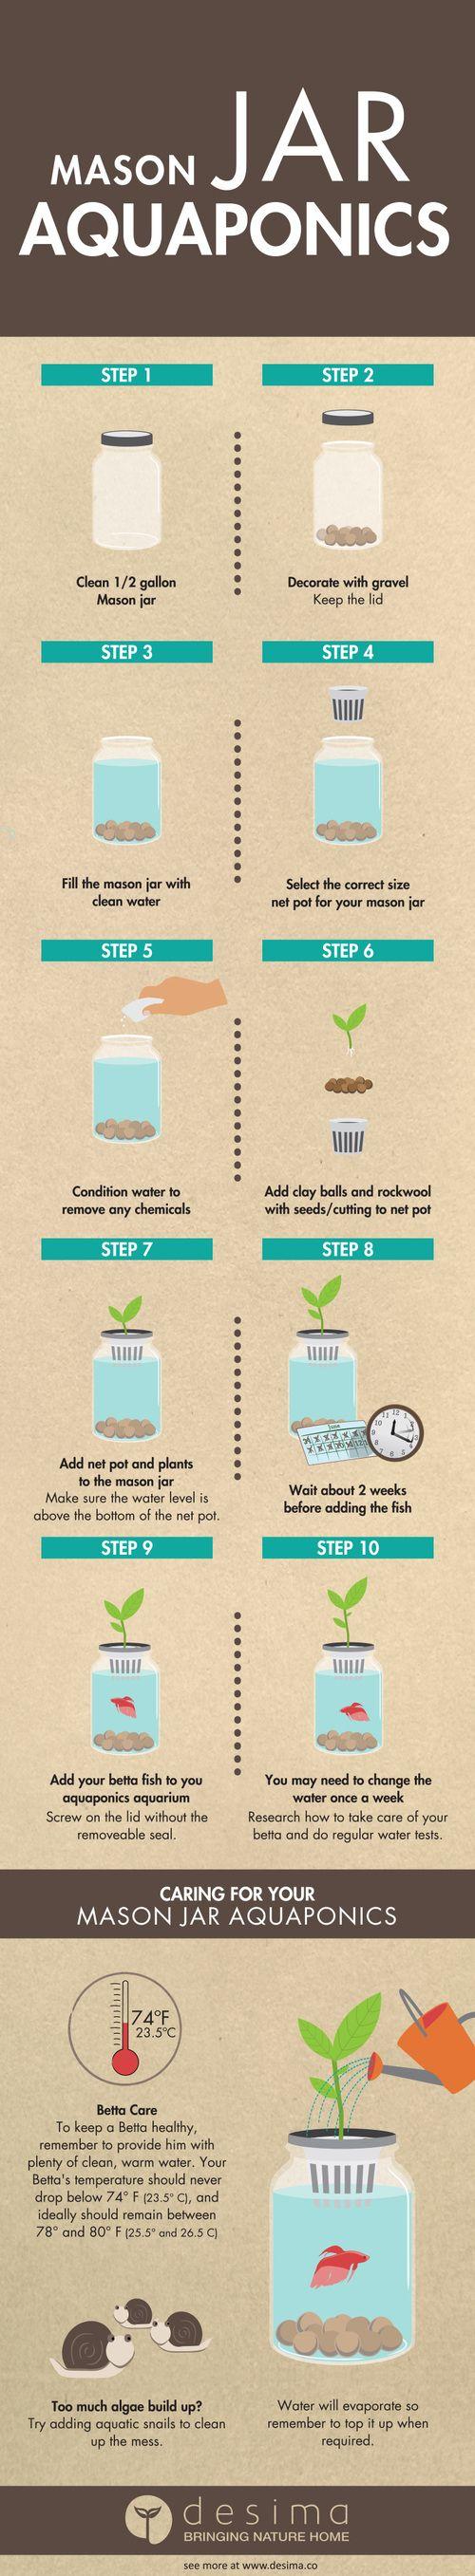 Mason Jar Aquaponics DIY